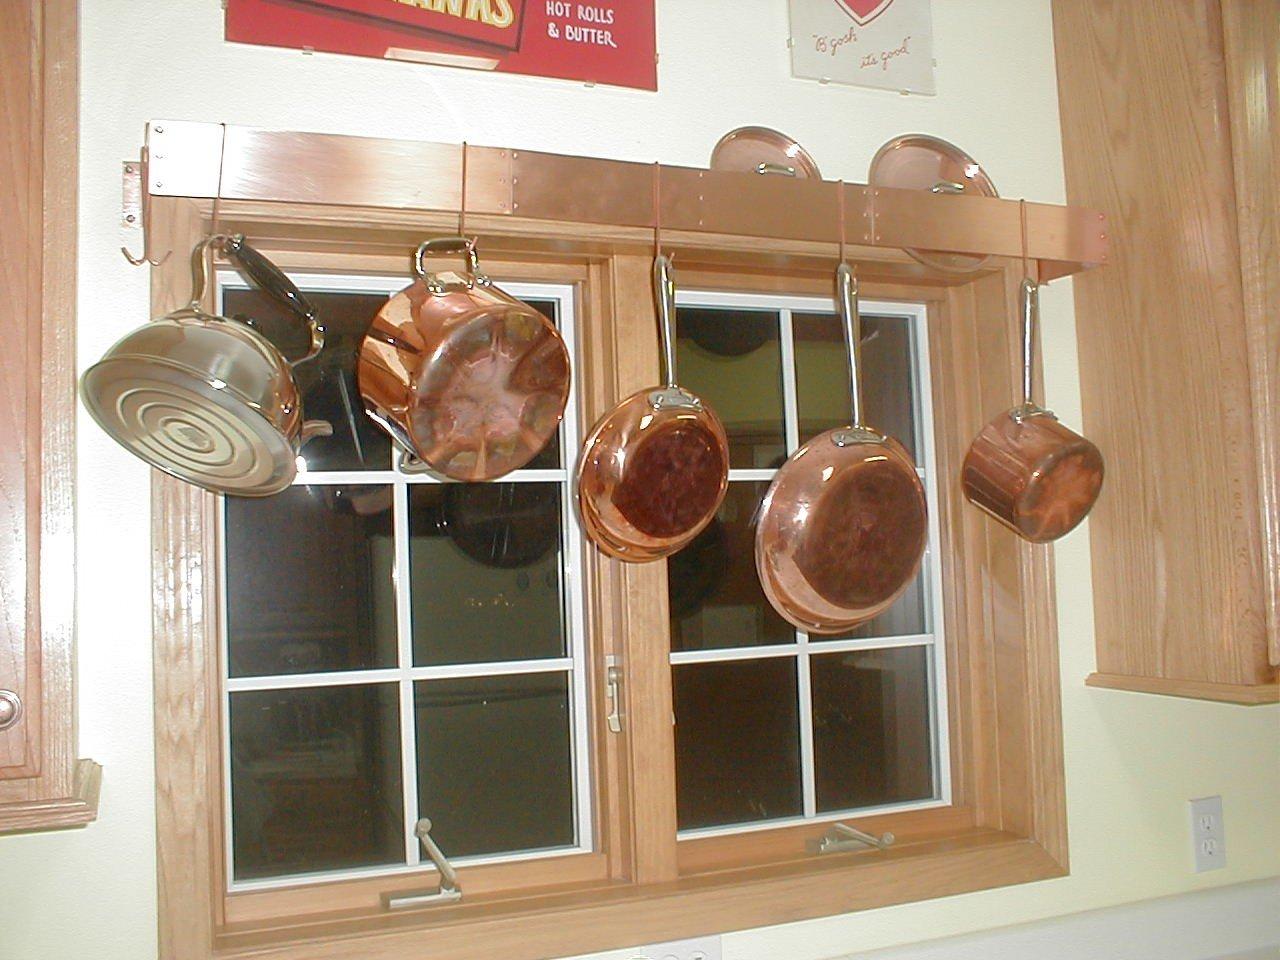 10 Spectacular Wall Mount Pot Rack Ideas decor copper wall mount pot rack for charming kitchen furniture ideas 2020